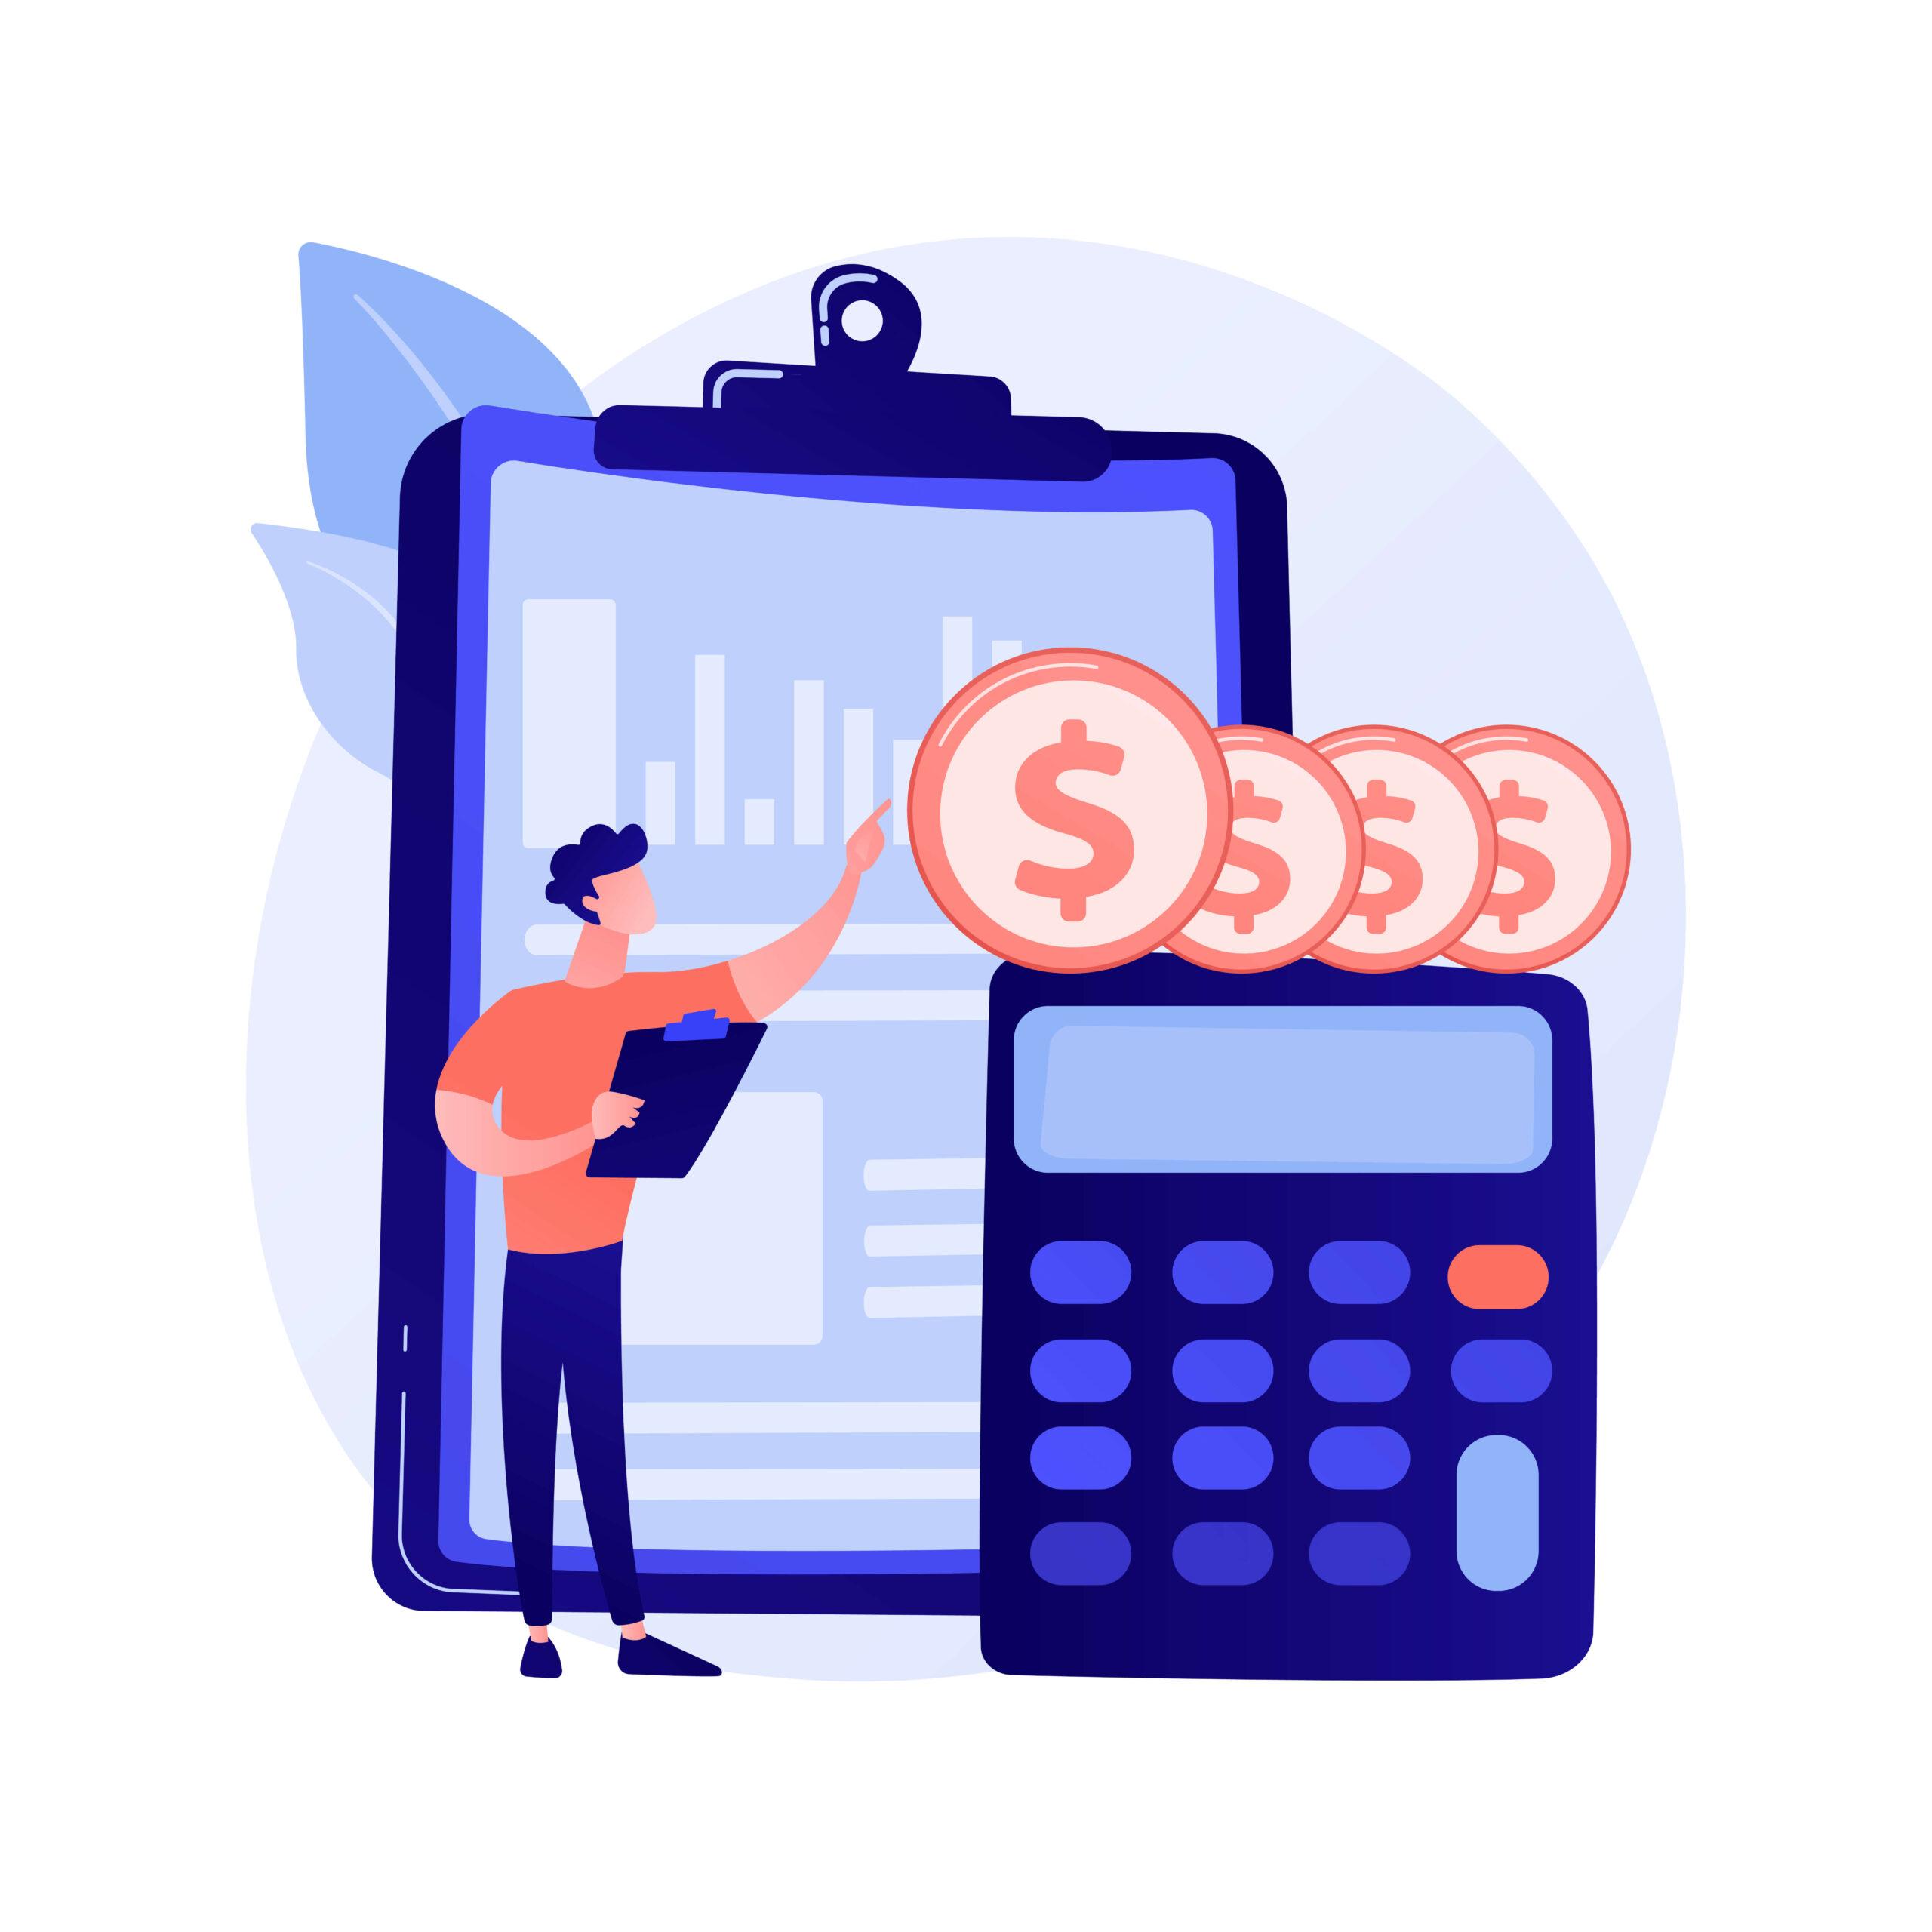 積立金額の導き方 ステップ1)いつまでに、いくら必要なのかを試算する